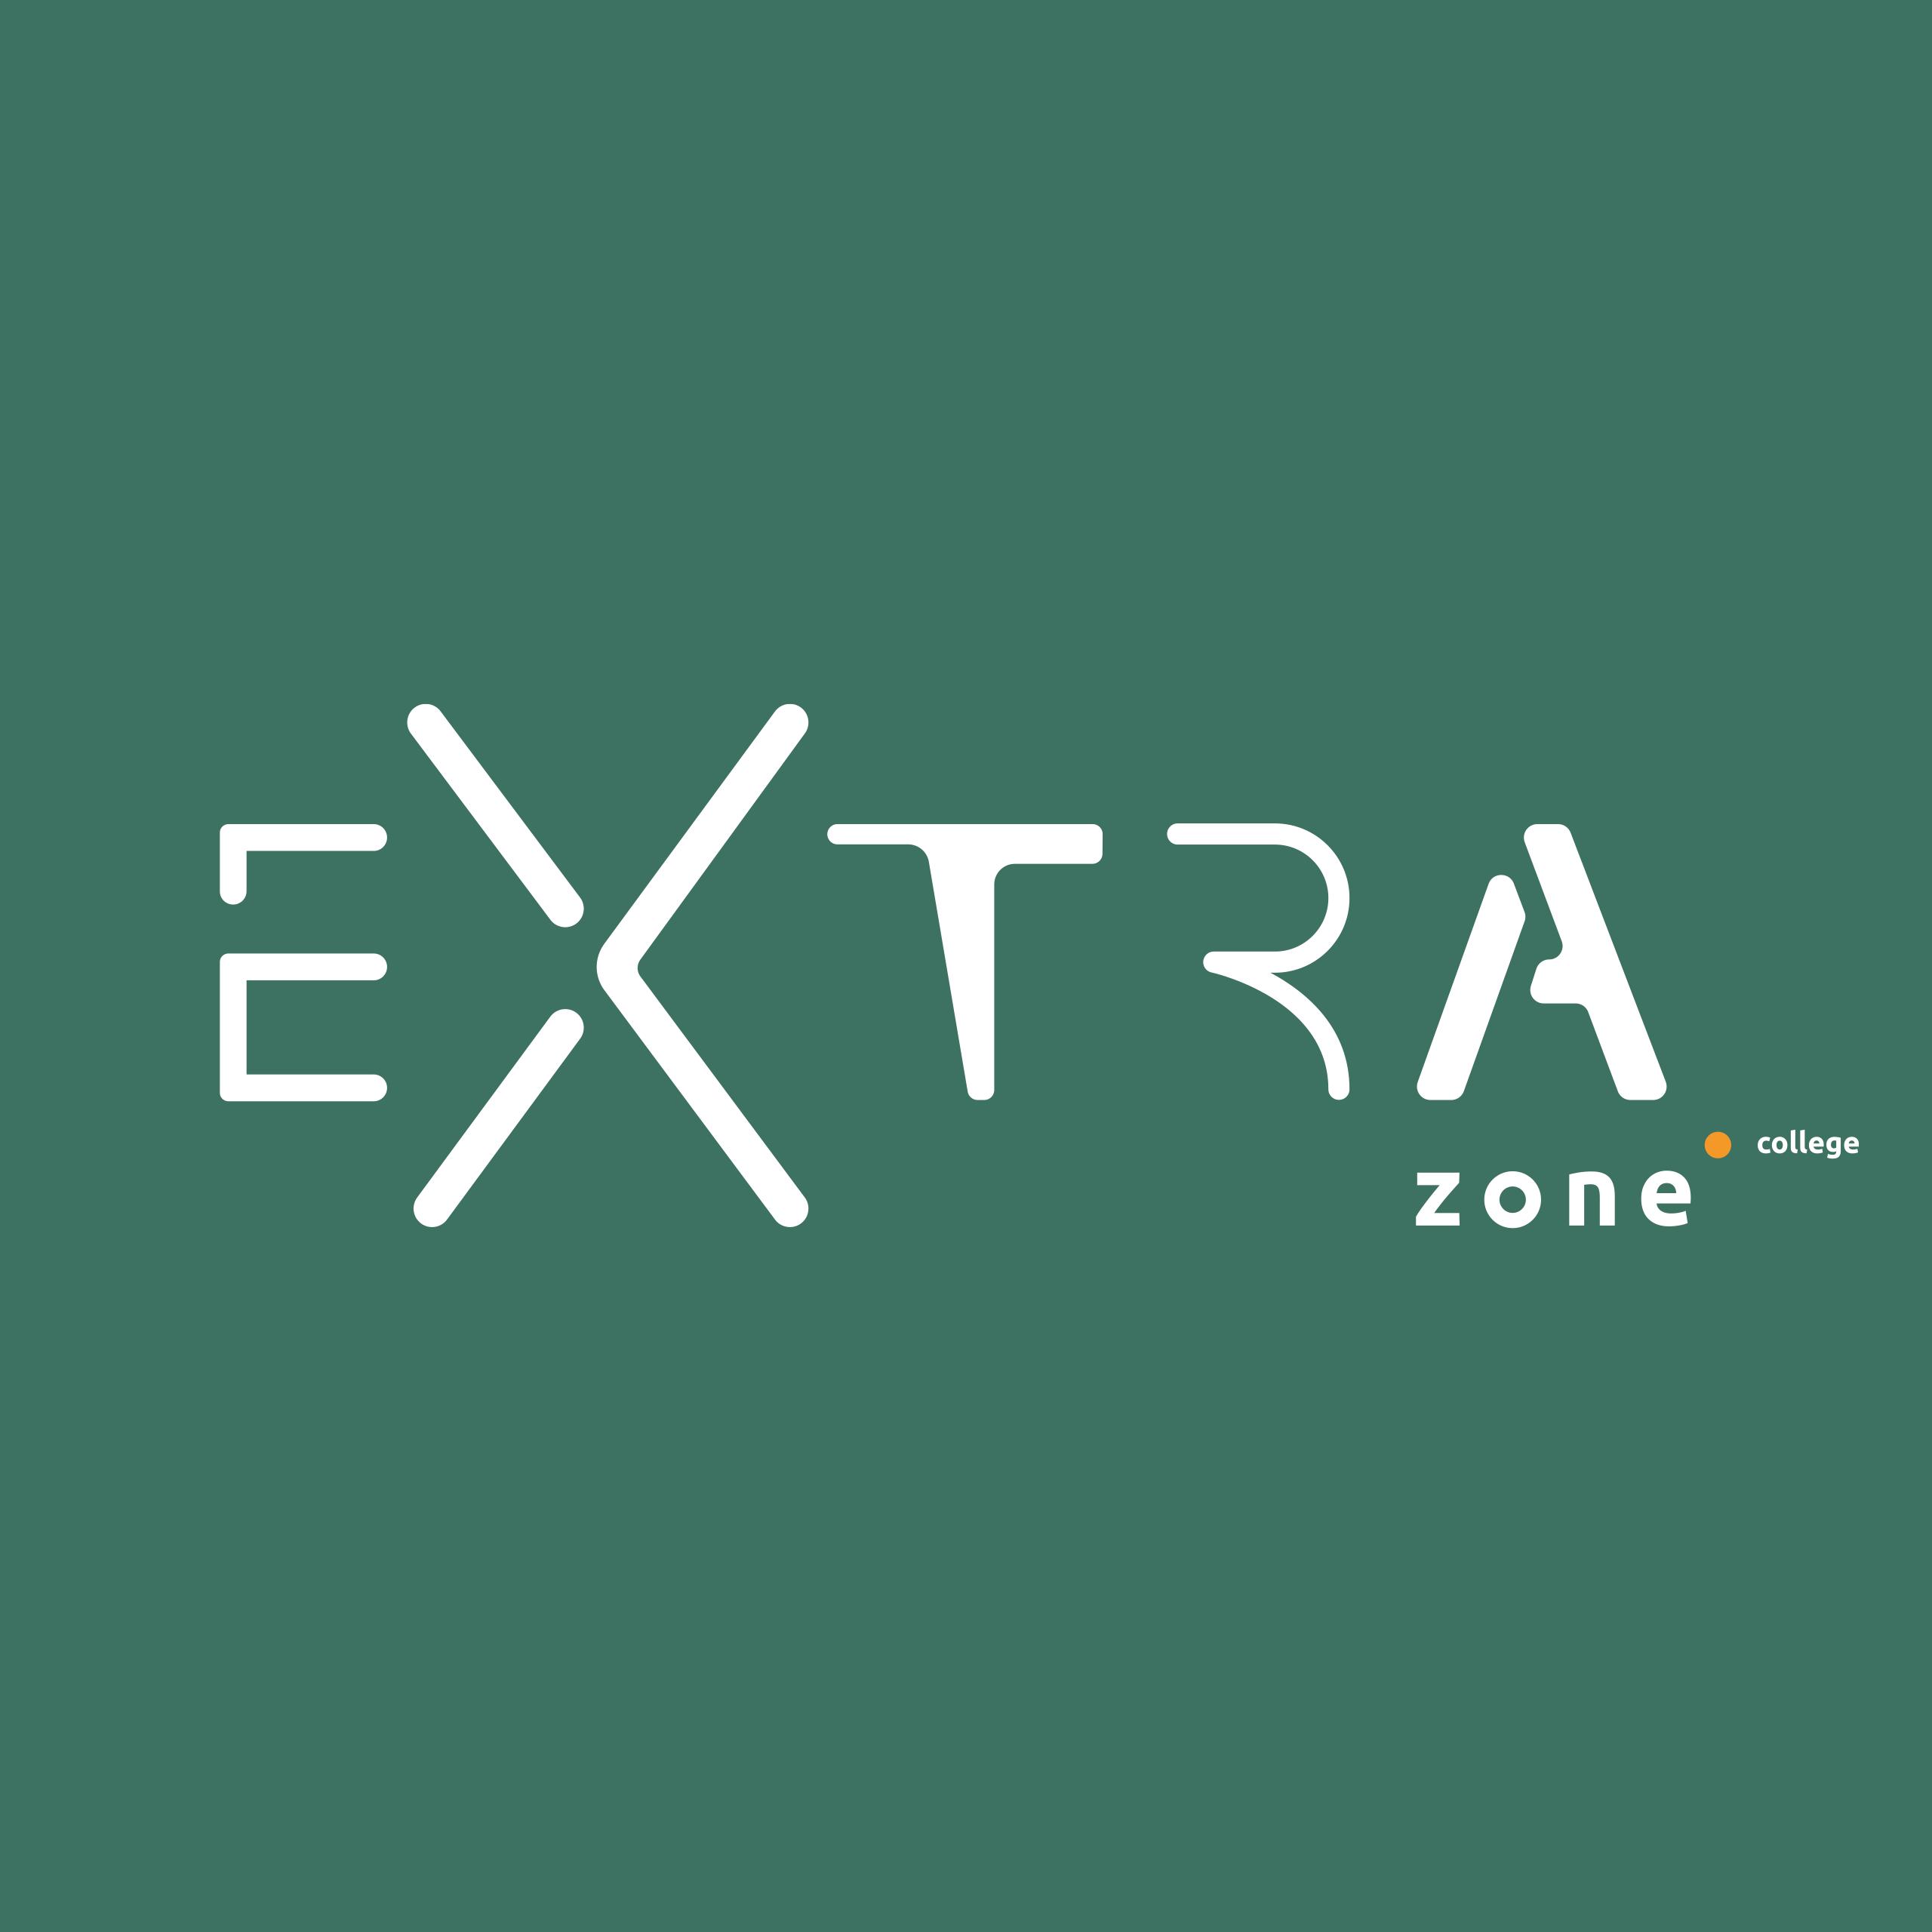 Zone College eXtra